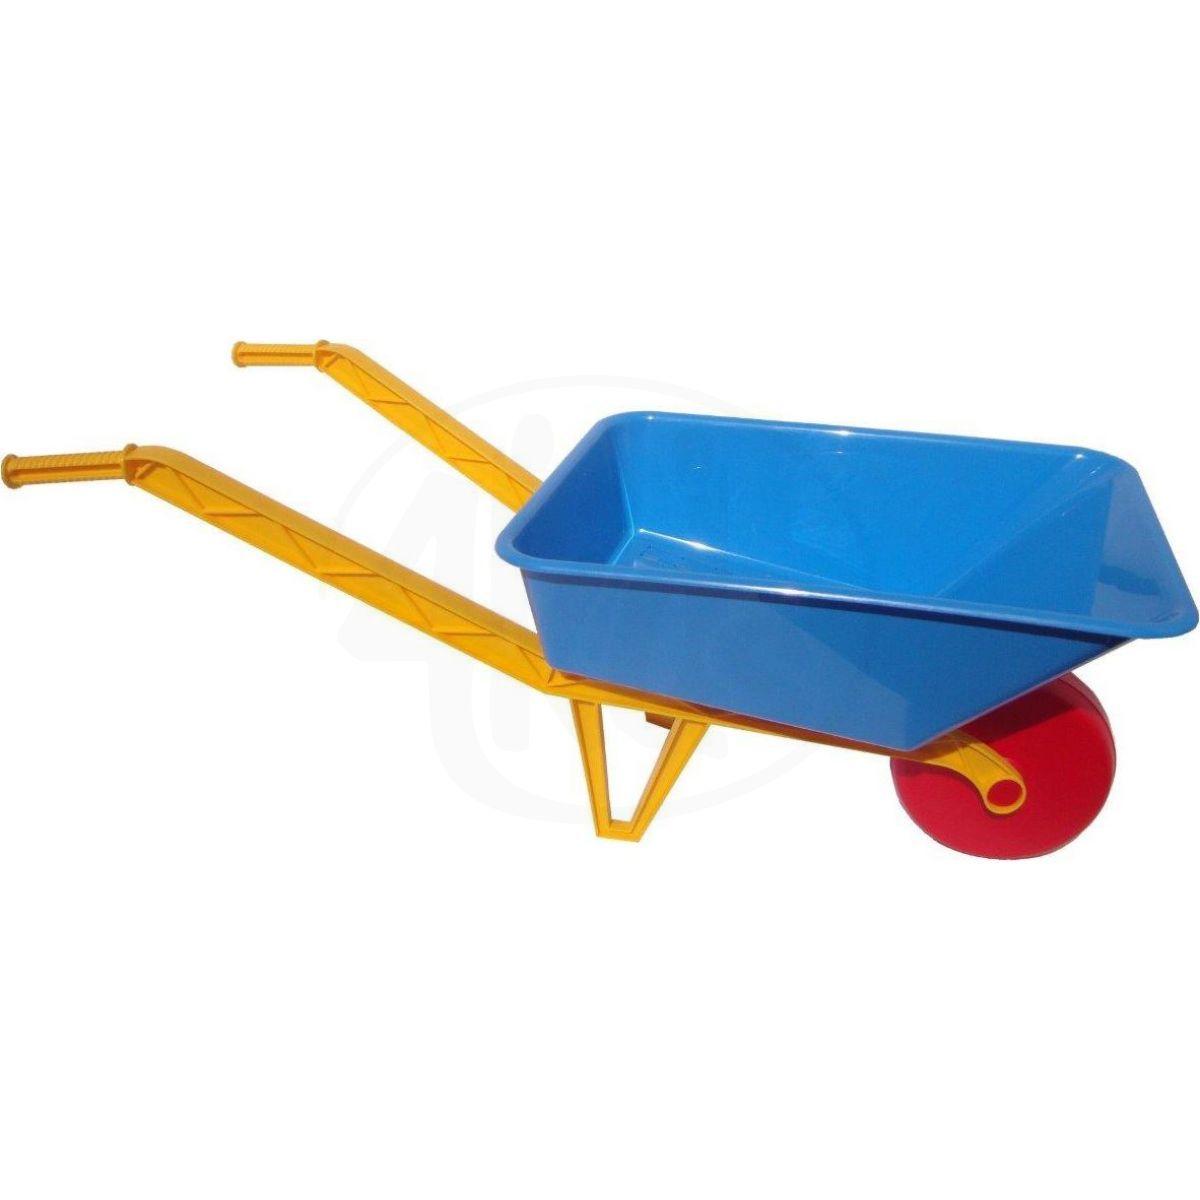 Toy Kolečko velké dětské plastové na písek - modré